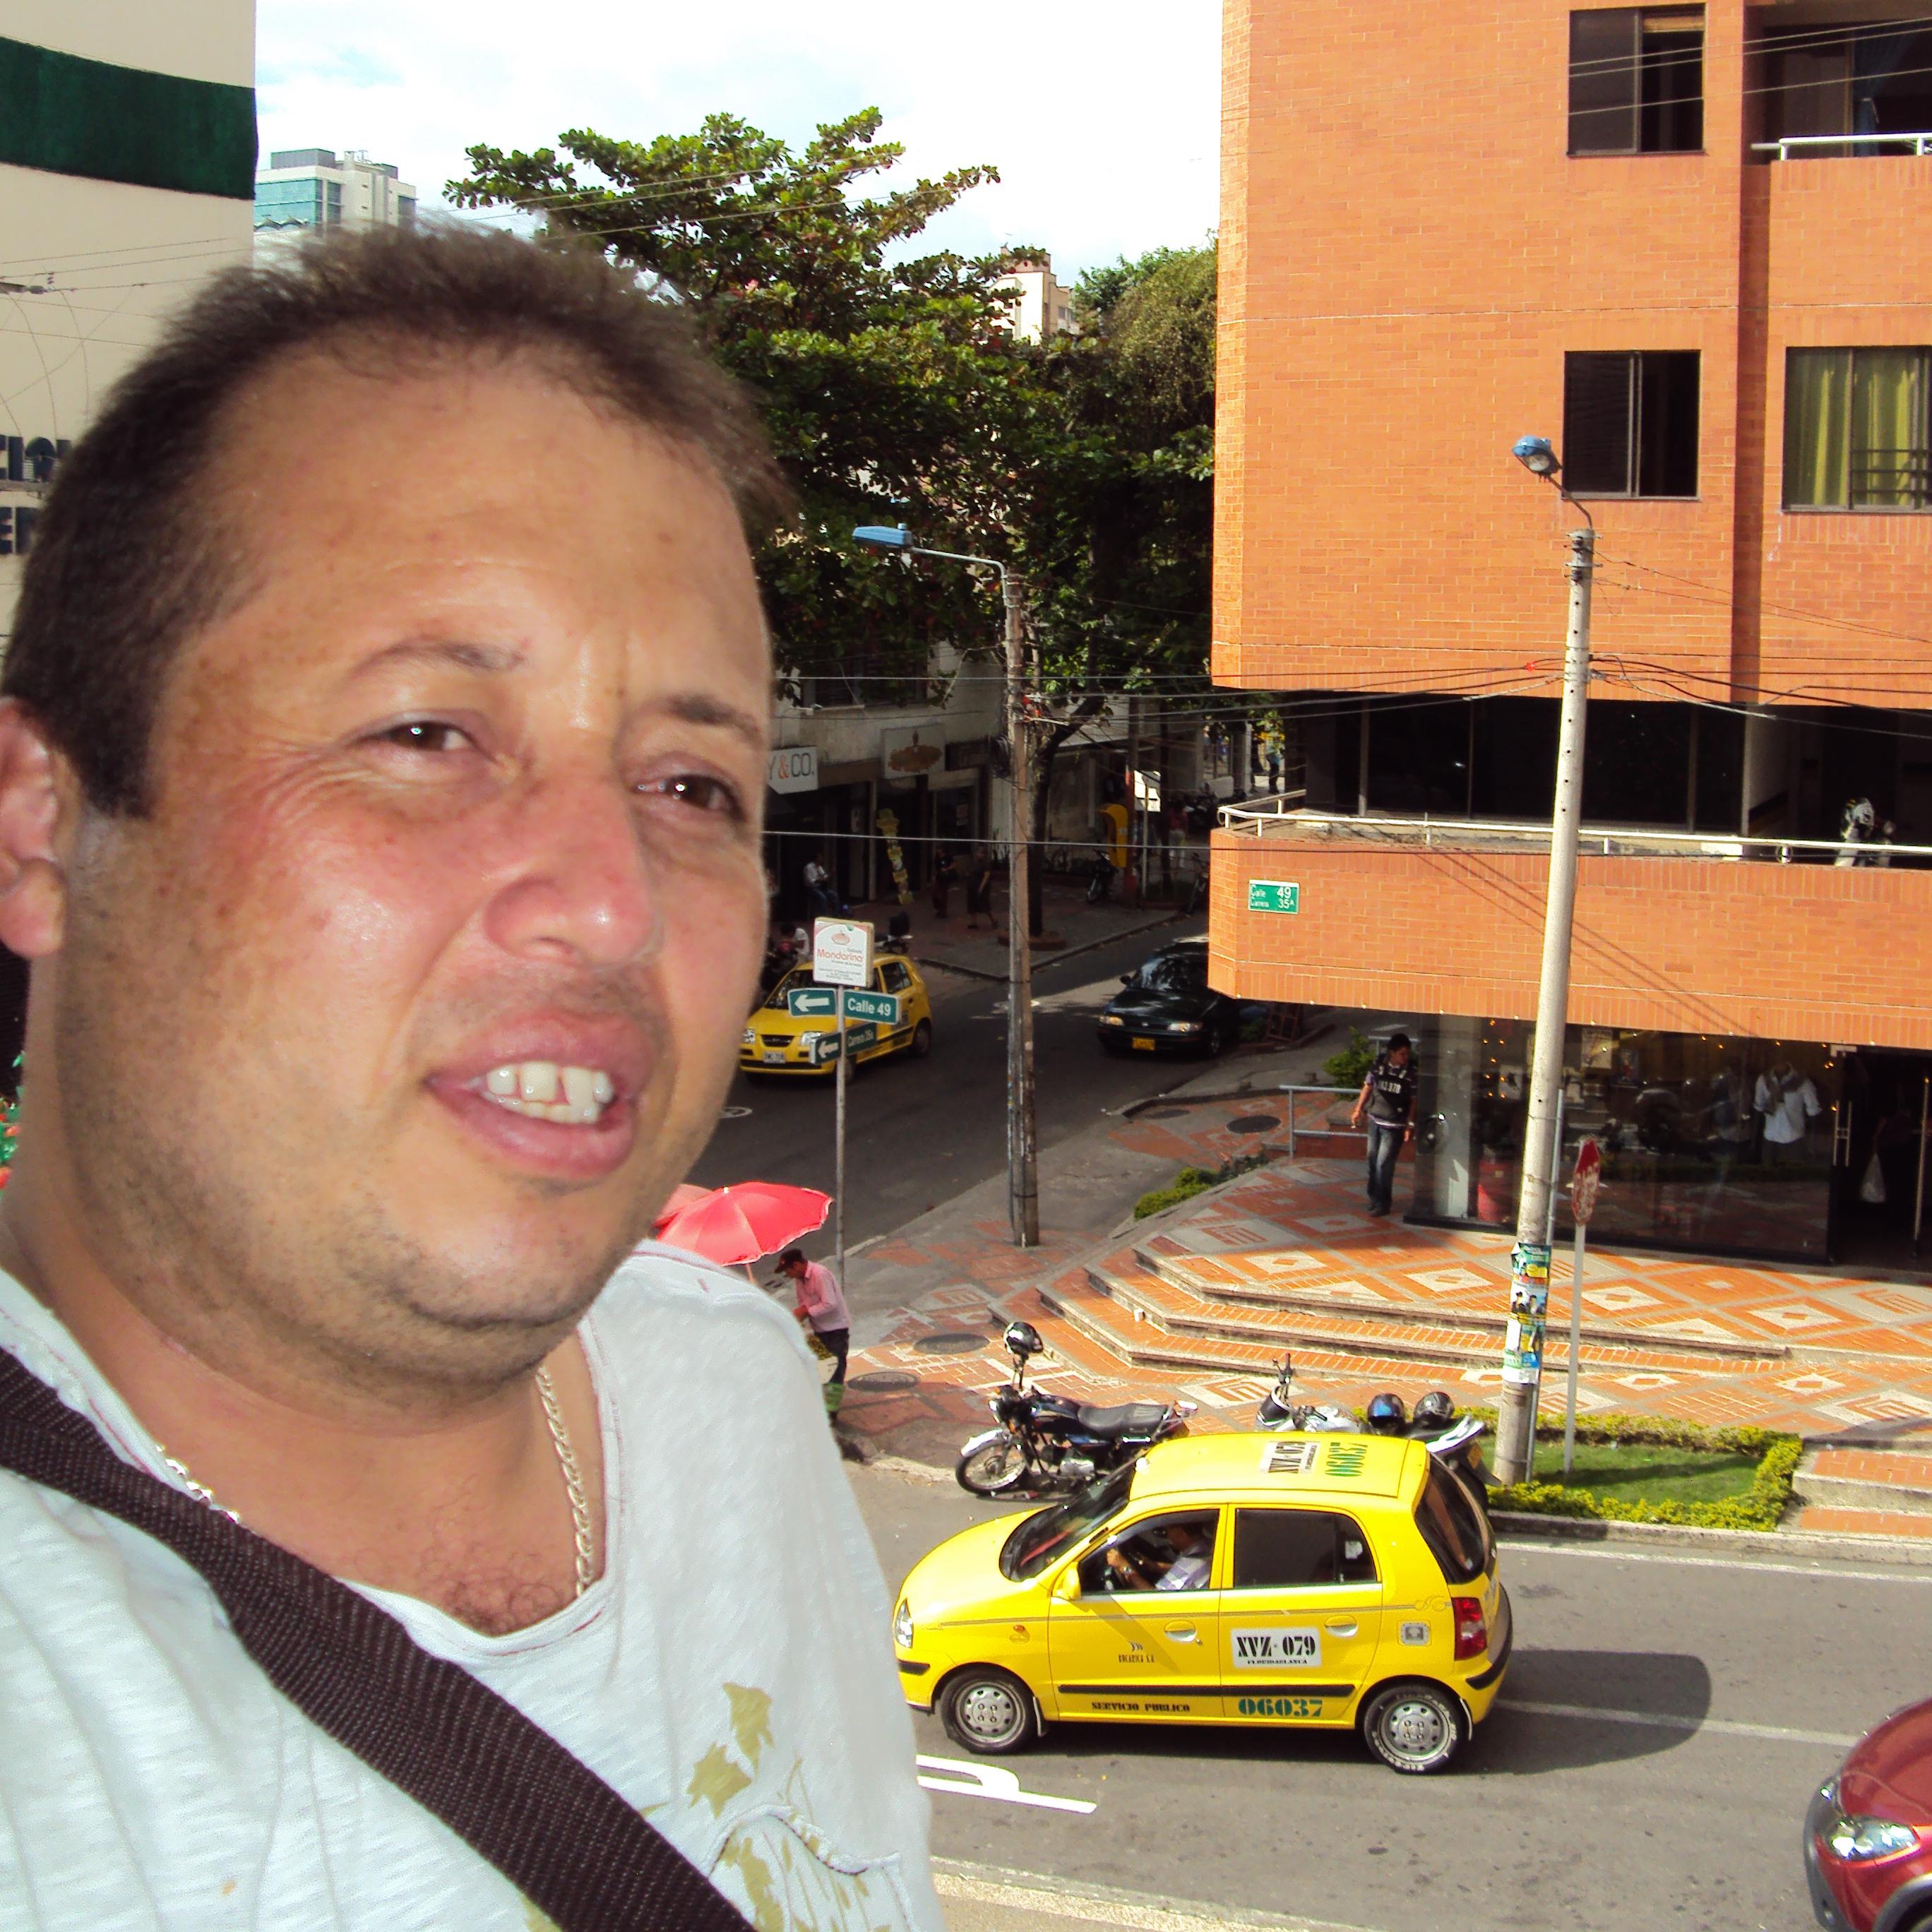 JORGE ORLANDO URBANO MARTINEZ